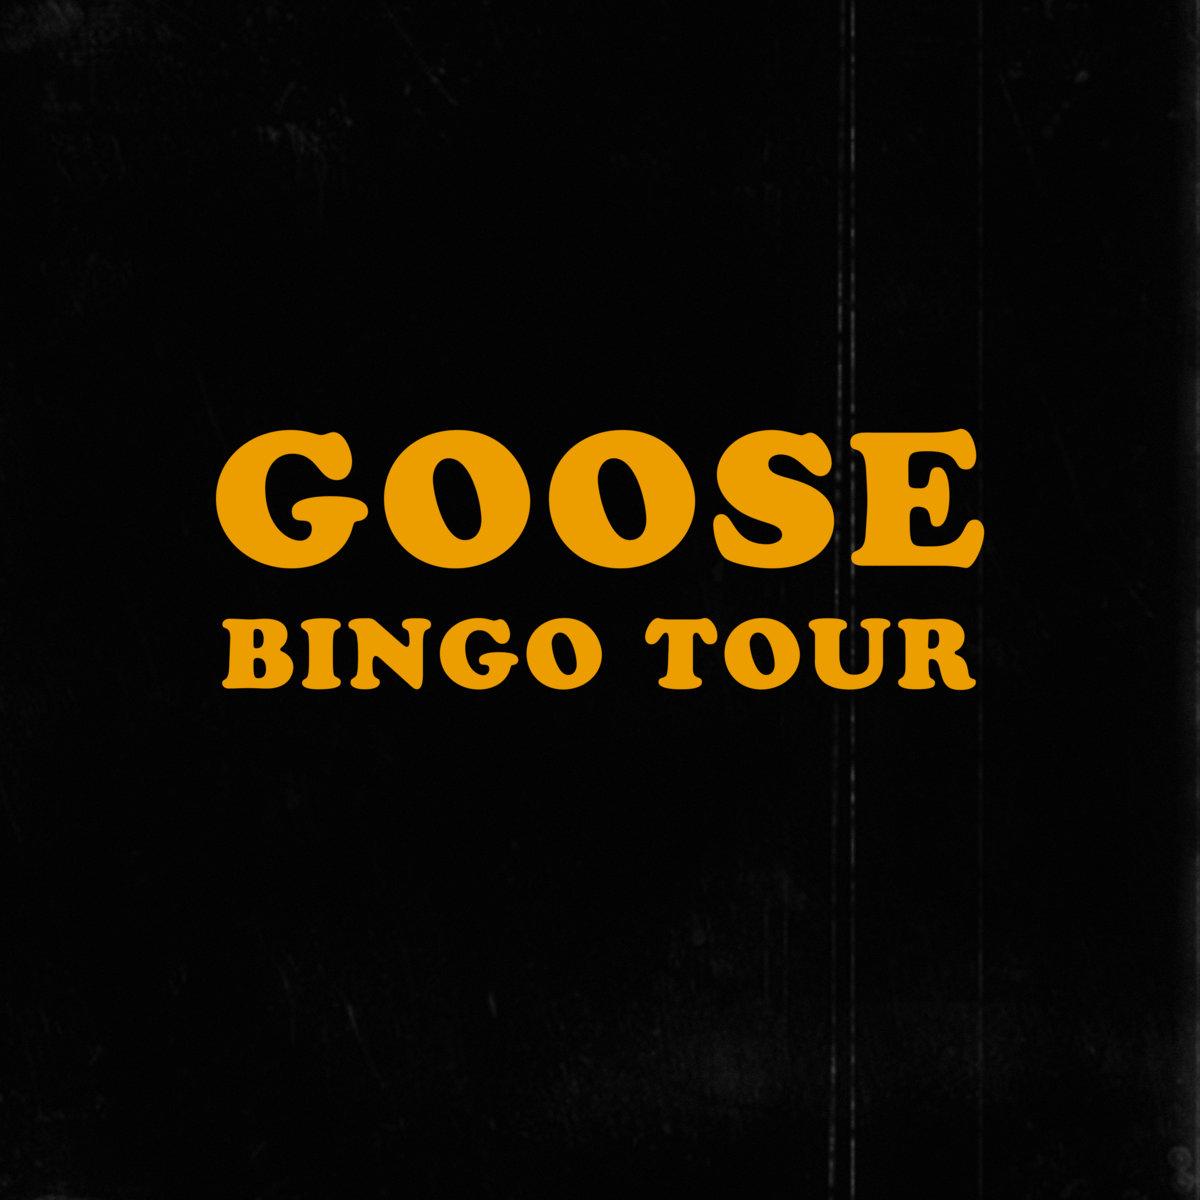 Bingo Tour